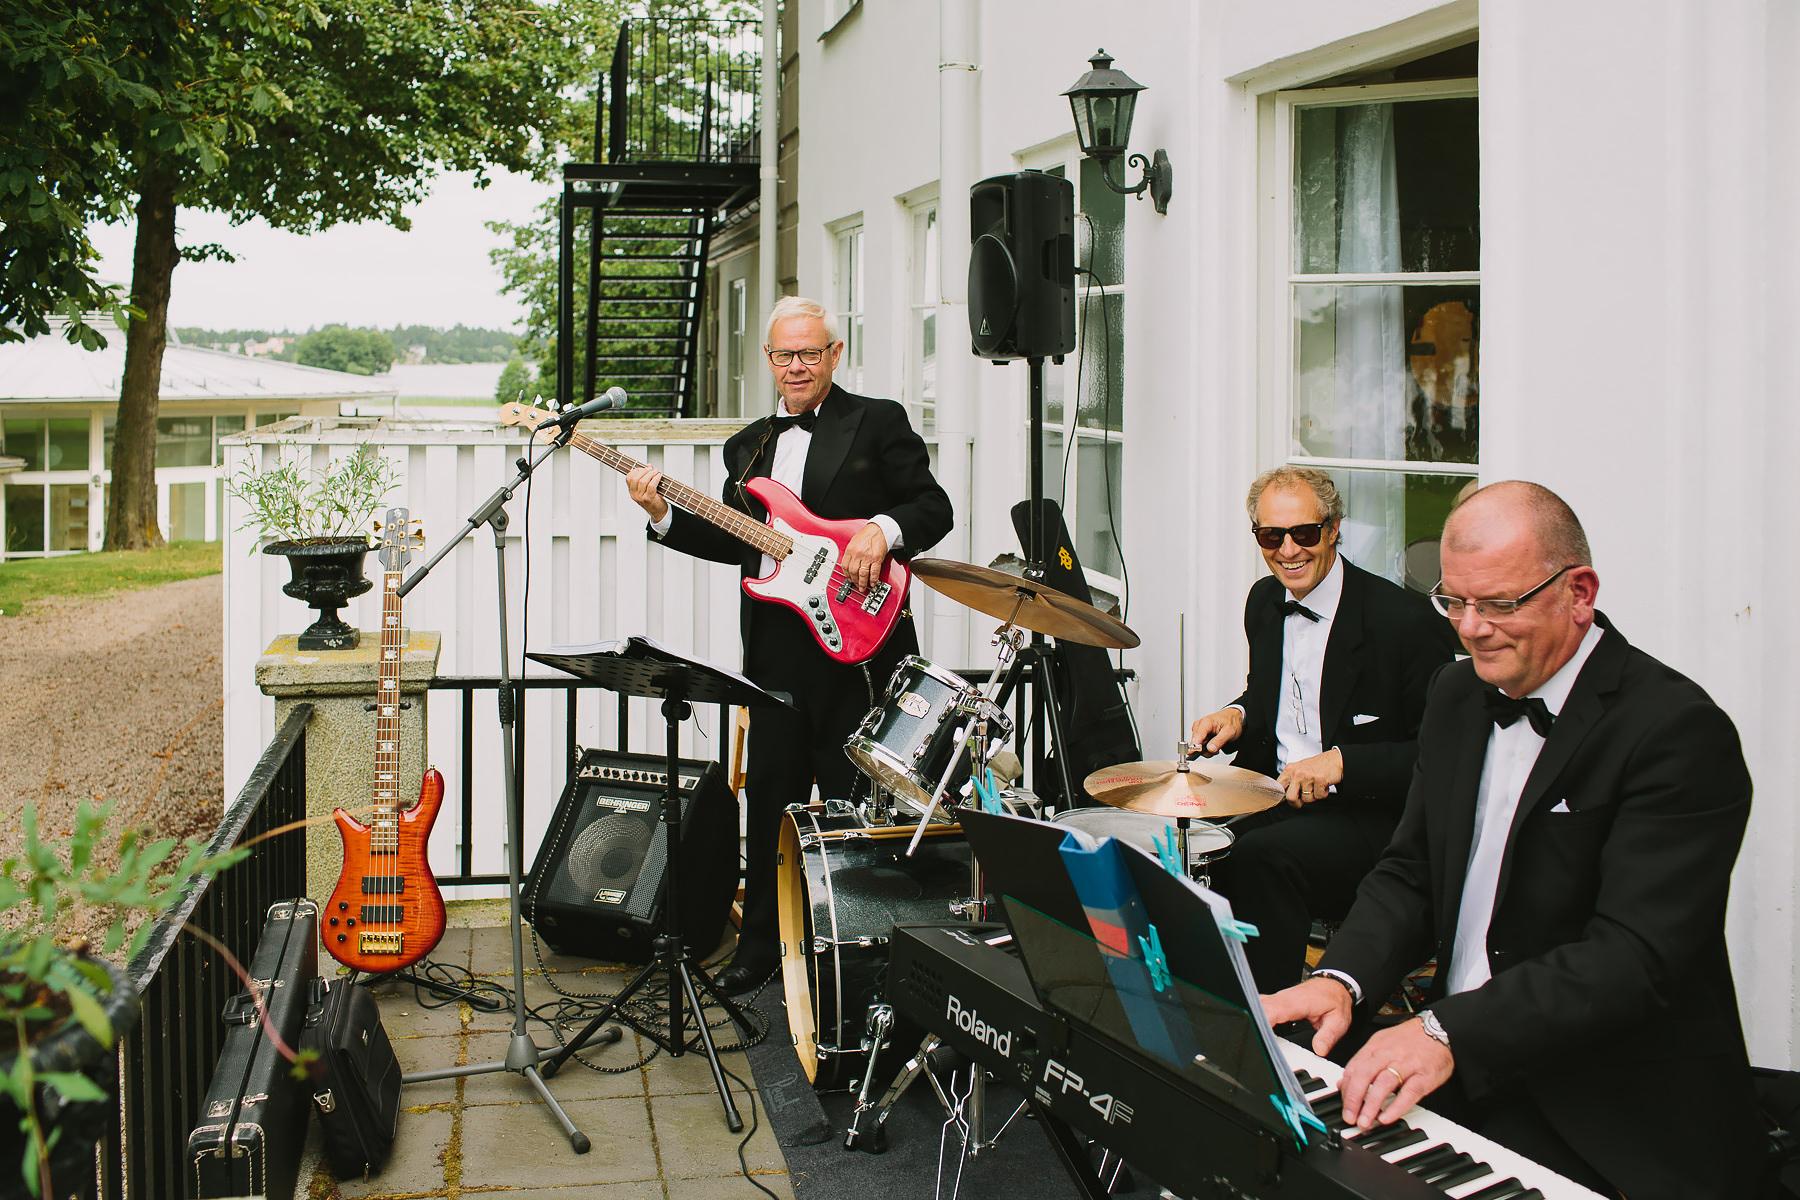 jazzband spelar i trädgården